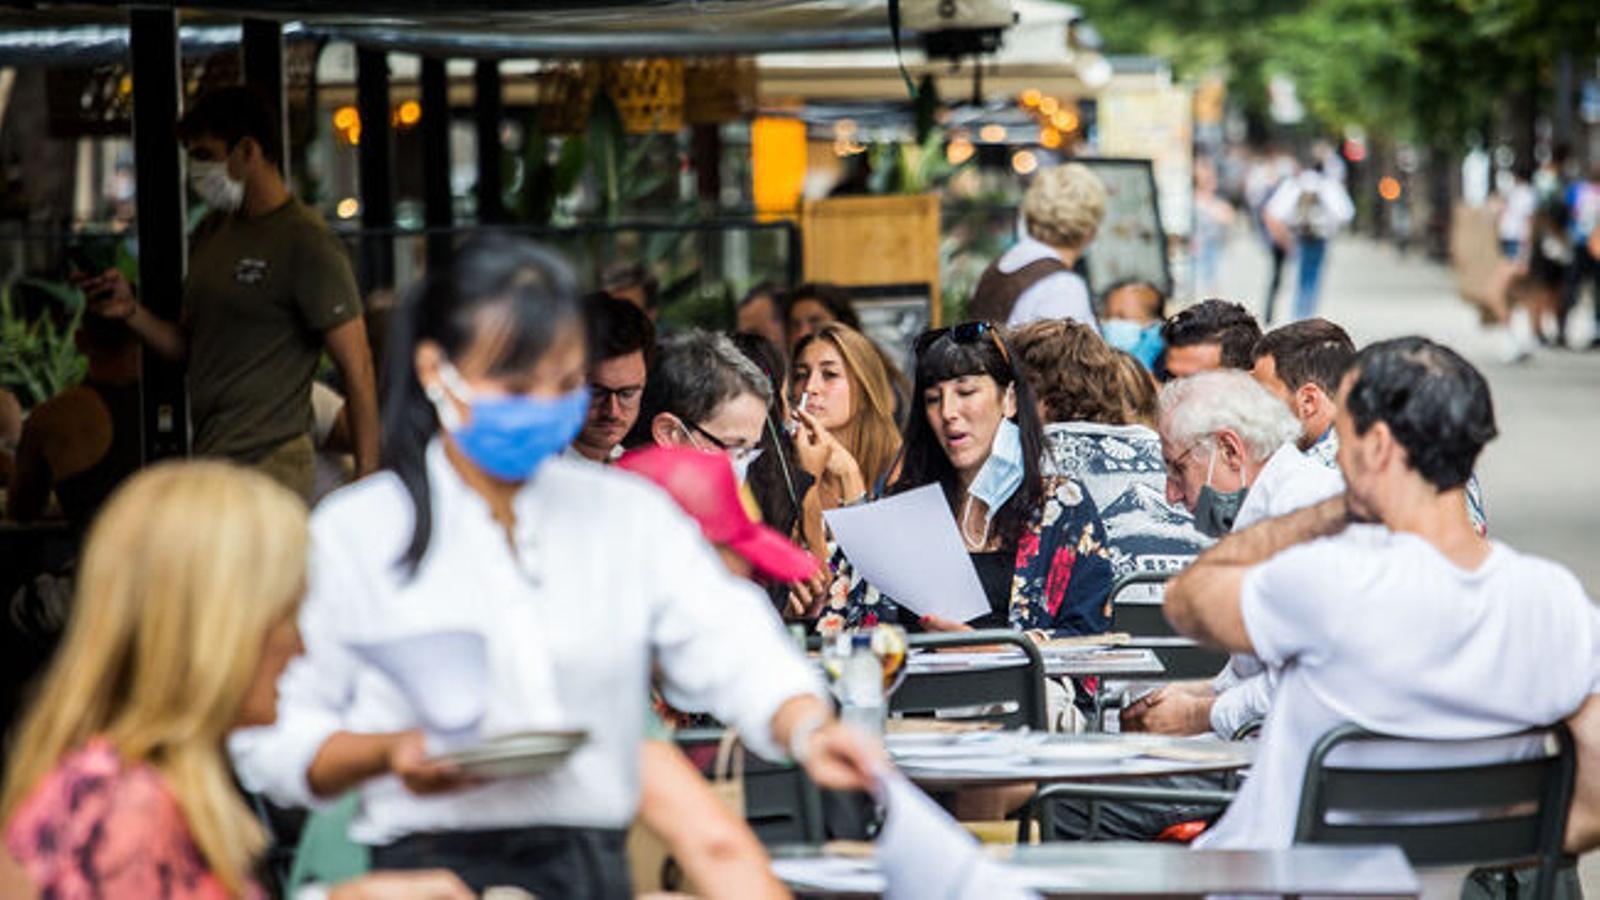 Terrassa d'un restaurant del centre de Barcelona amb totes les taules ocupades en una imatge recent / PERE VIRGILI